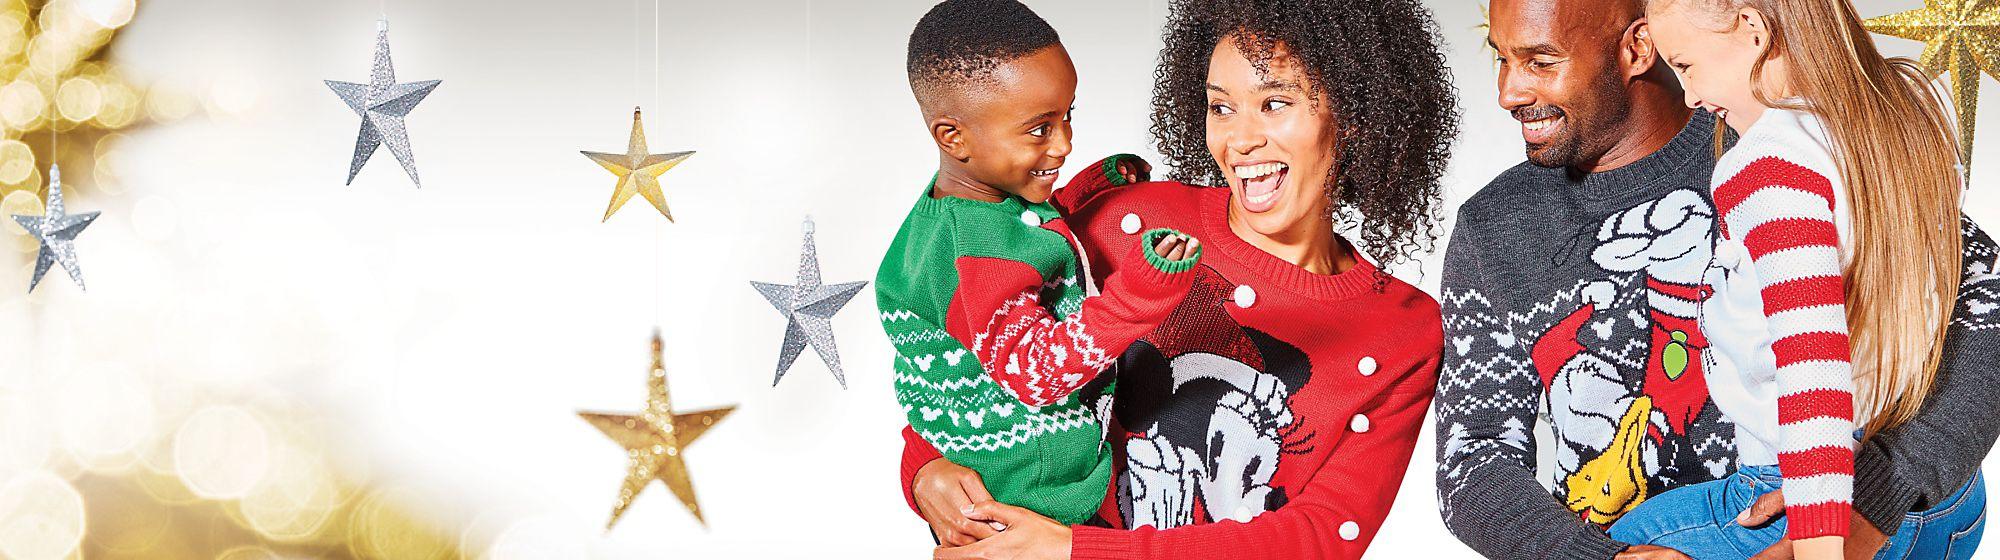 Tienda de Navidad Prepárate para Navidad con el mejor regalo COMPRAR